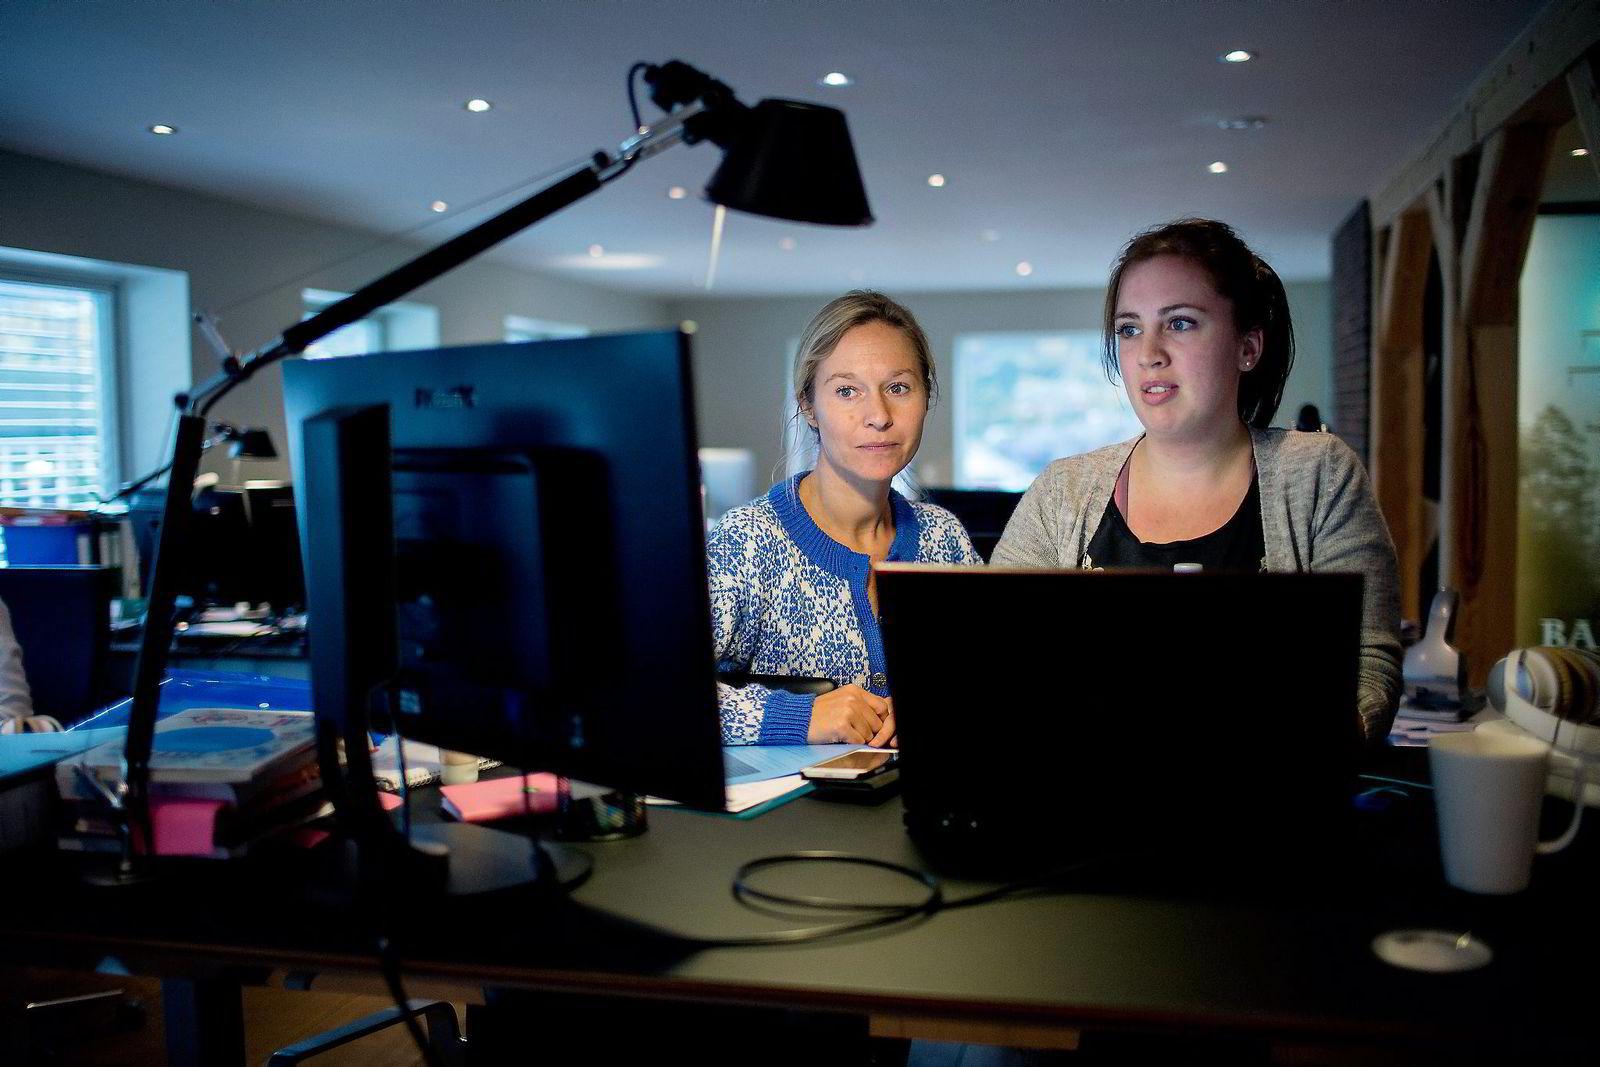 På loftet hos Melin Medical i Sandane er det blitt trangt om plassen. Ingrid Dregelid diskuterer med daglig leder Ingvill Hestenes.